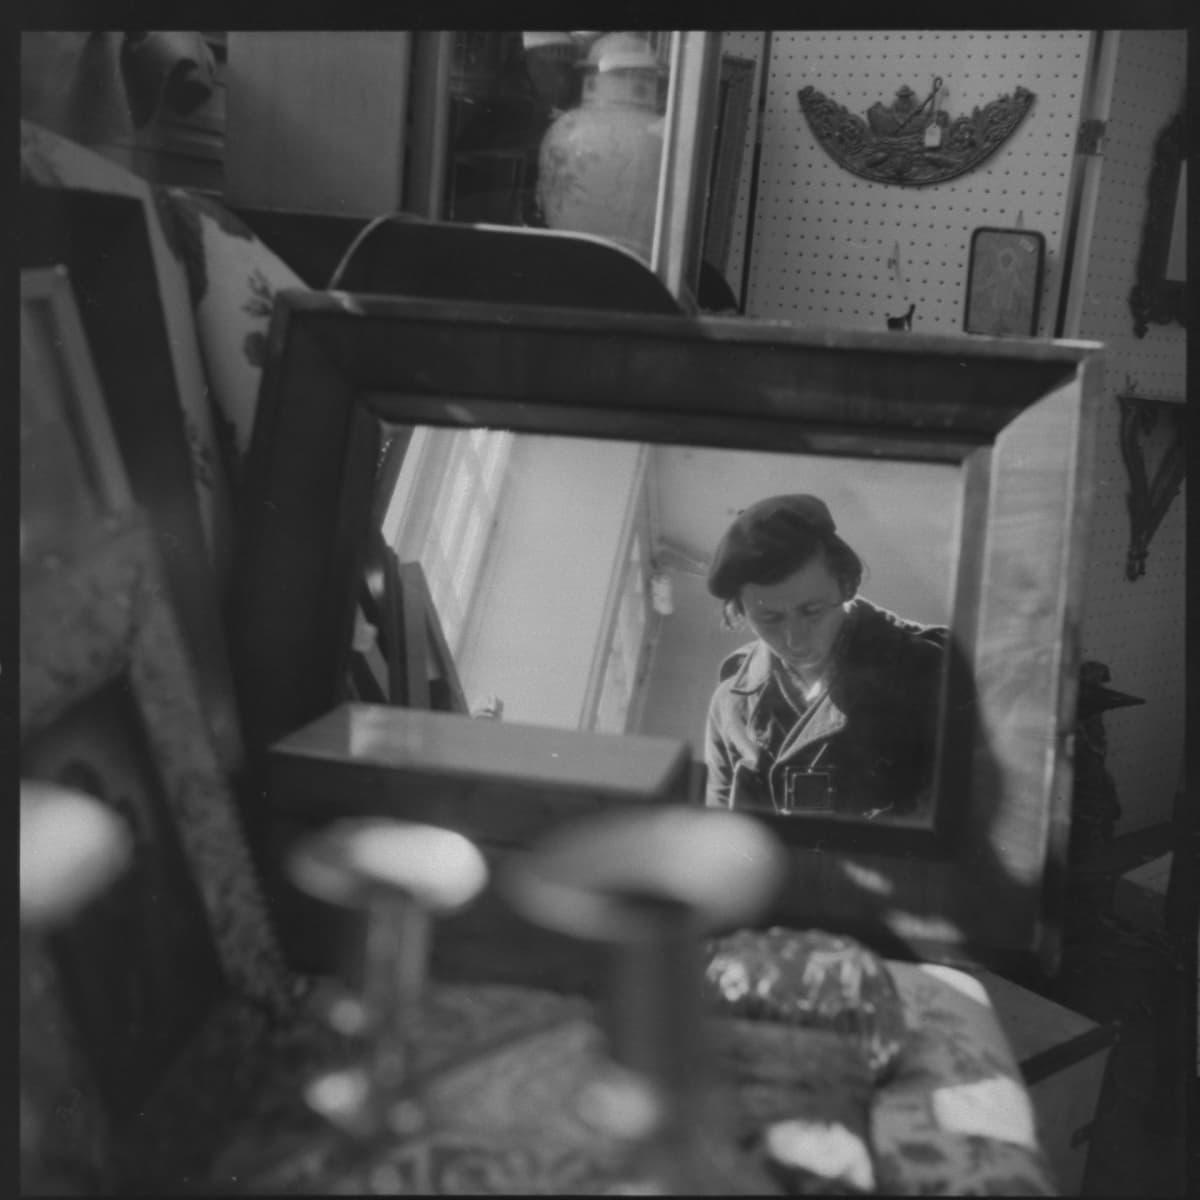 Vivian Maierin omakuva, peilissä